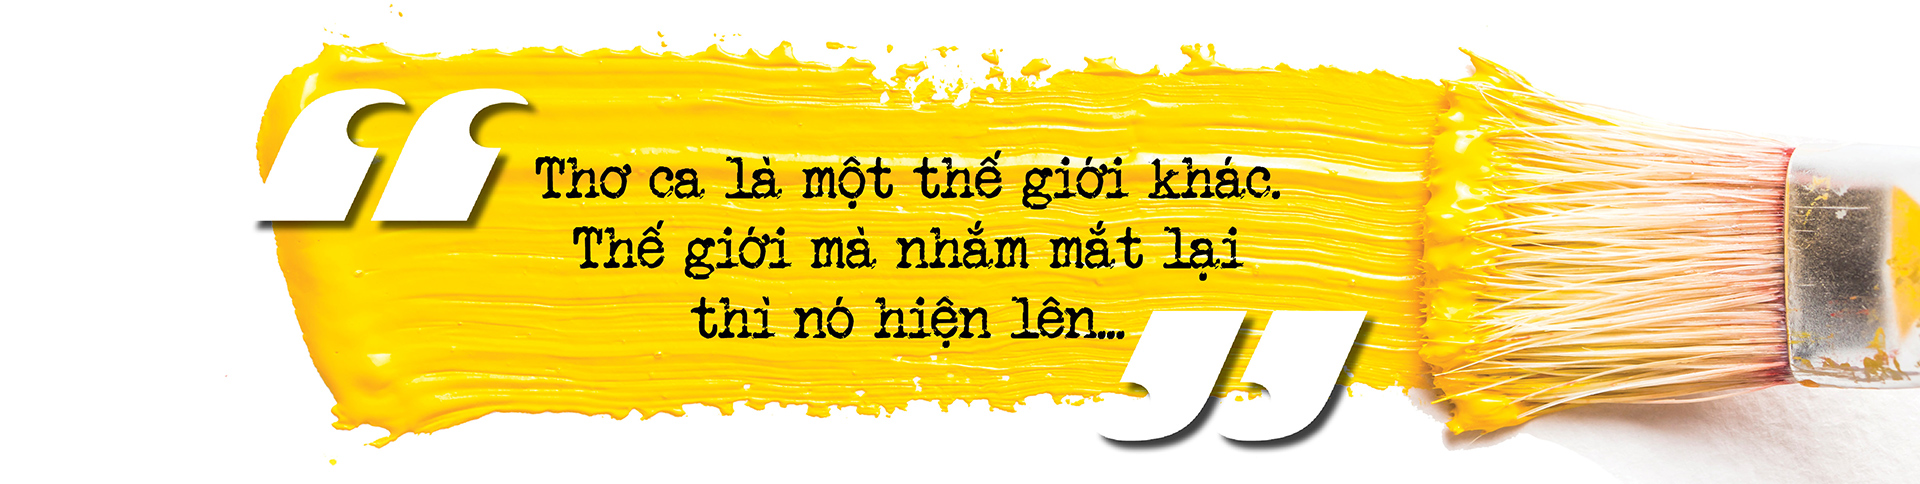 Nhà văn Nguyễn Quang Thiều: Sự đập cánh của đôi cánh tự do khác đôi chân của kẻ tuỳ tiện - Ảnh 14.